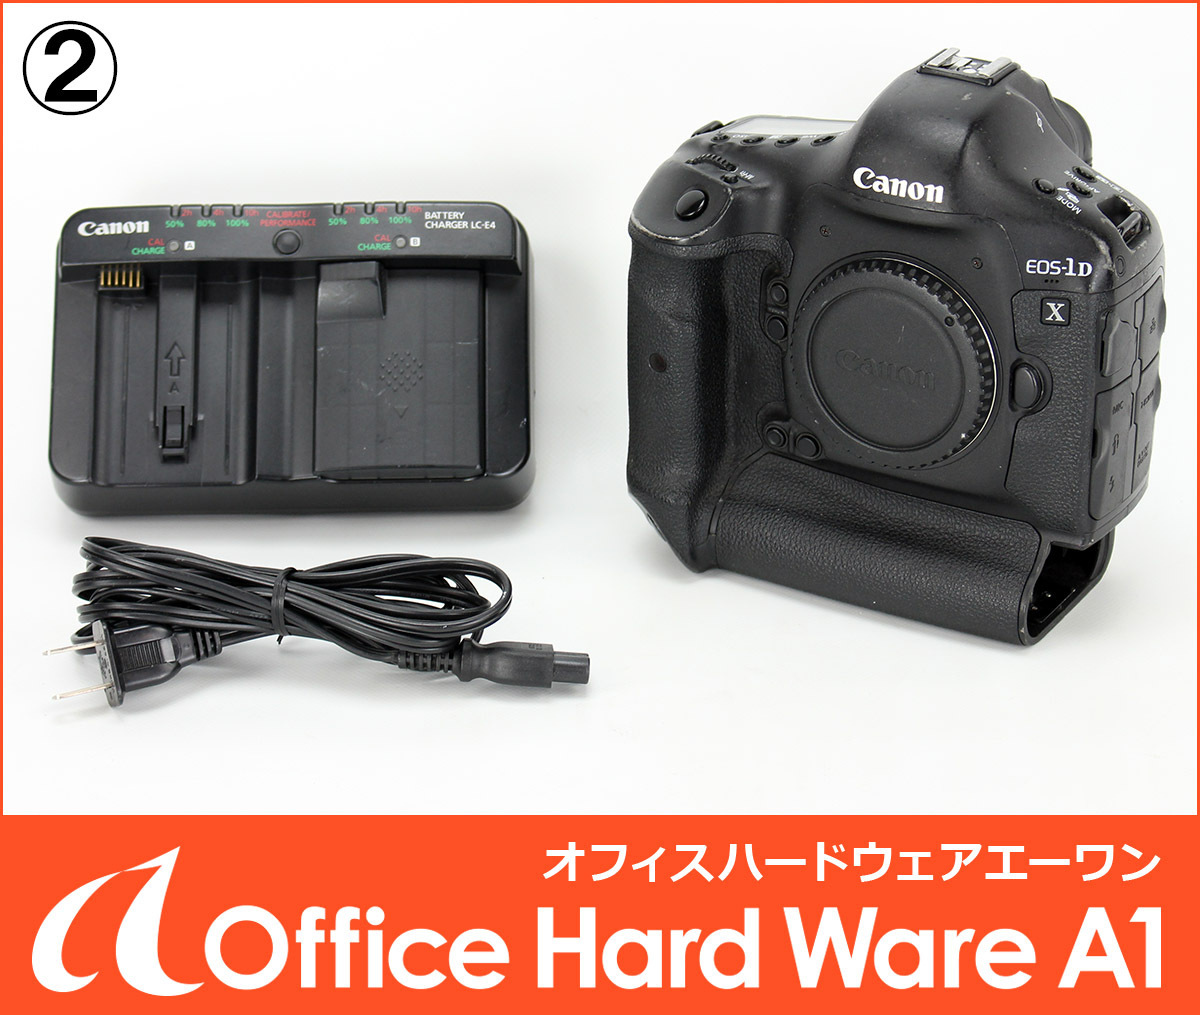 キャノン Canon / デジタル一眼レフカメラ EOS-1D X / レリーズ回数:230000以下 / 訳あり動作品 【中古 1DX】#T 2